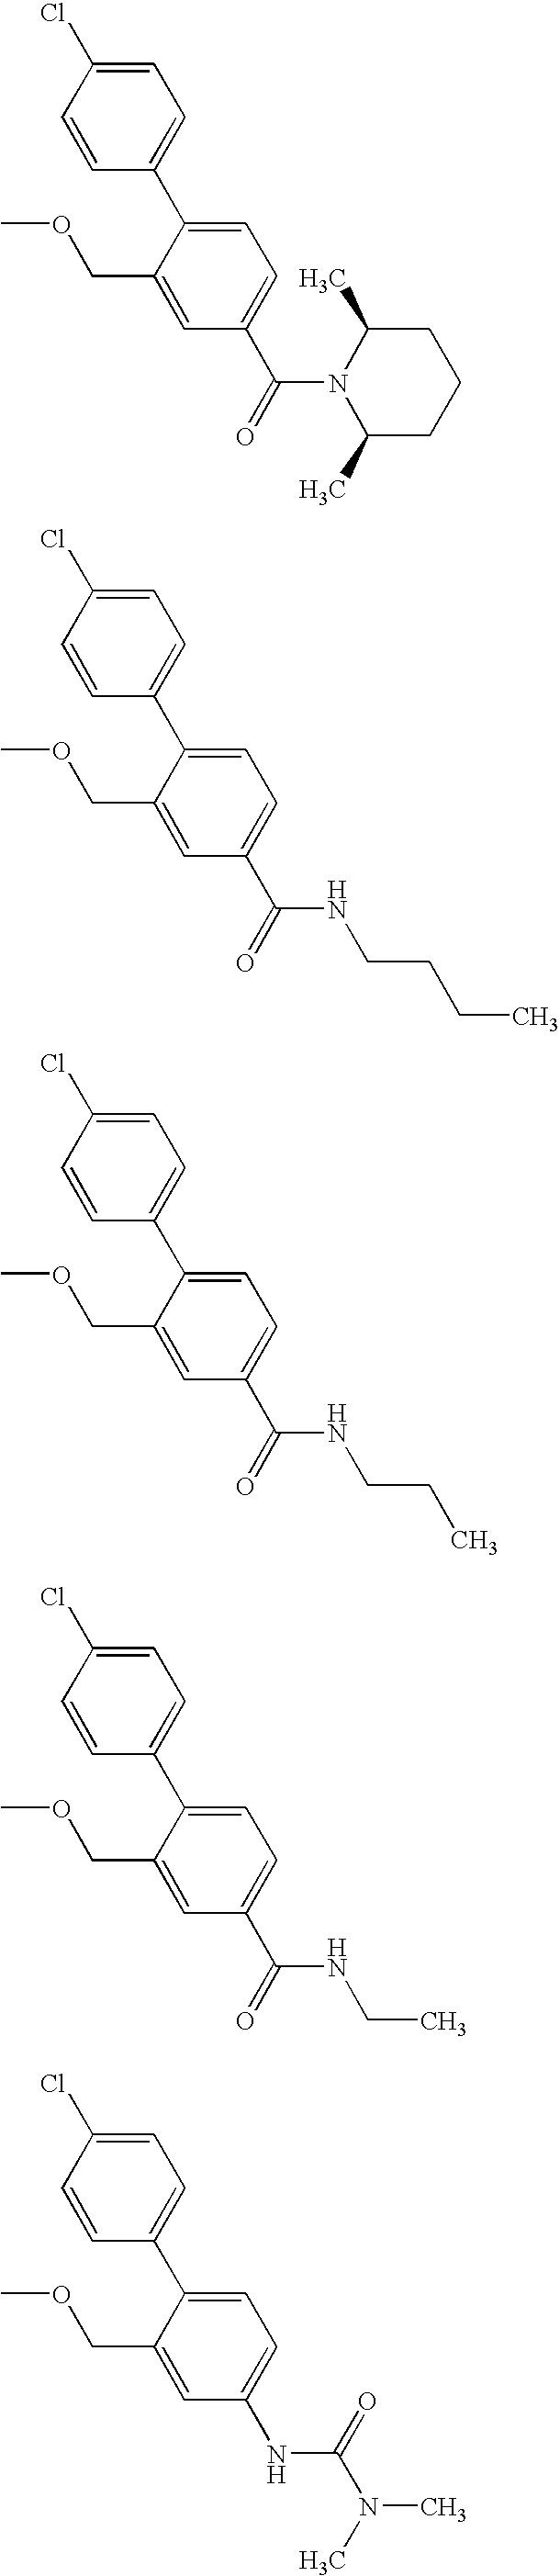 Figure US20070049593A1-20070301-C00253